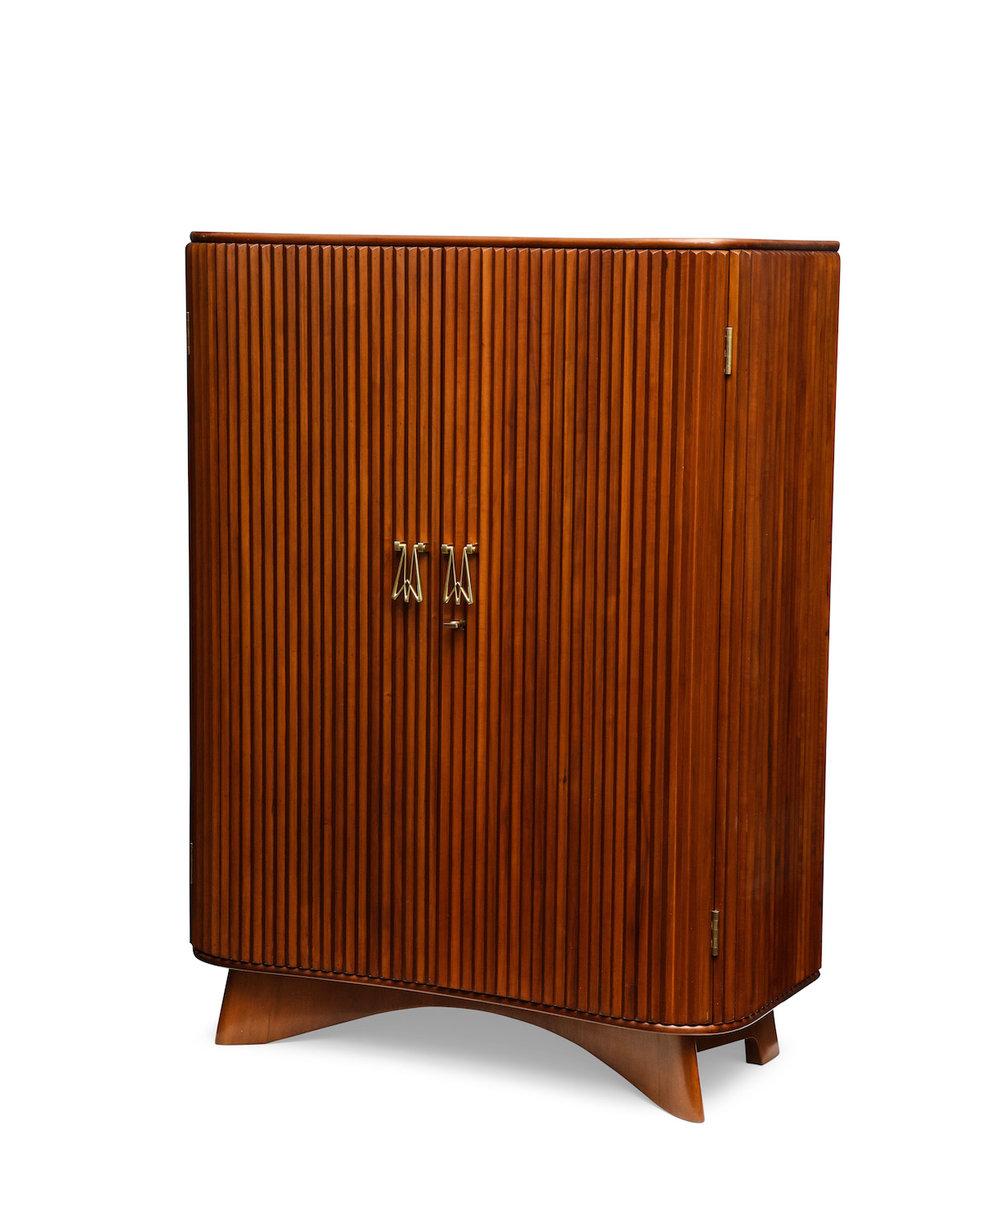 Borsani Pleated Cabinet 3.jpg